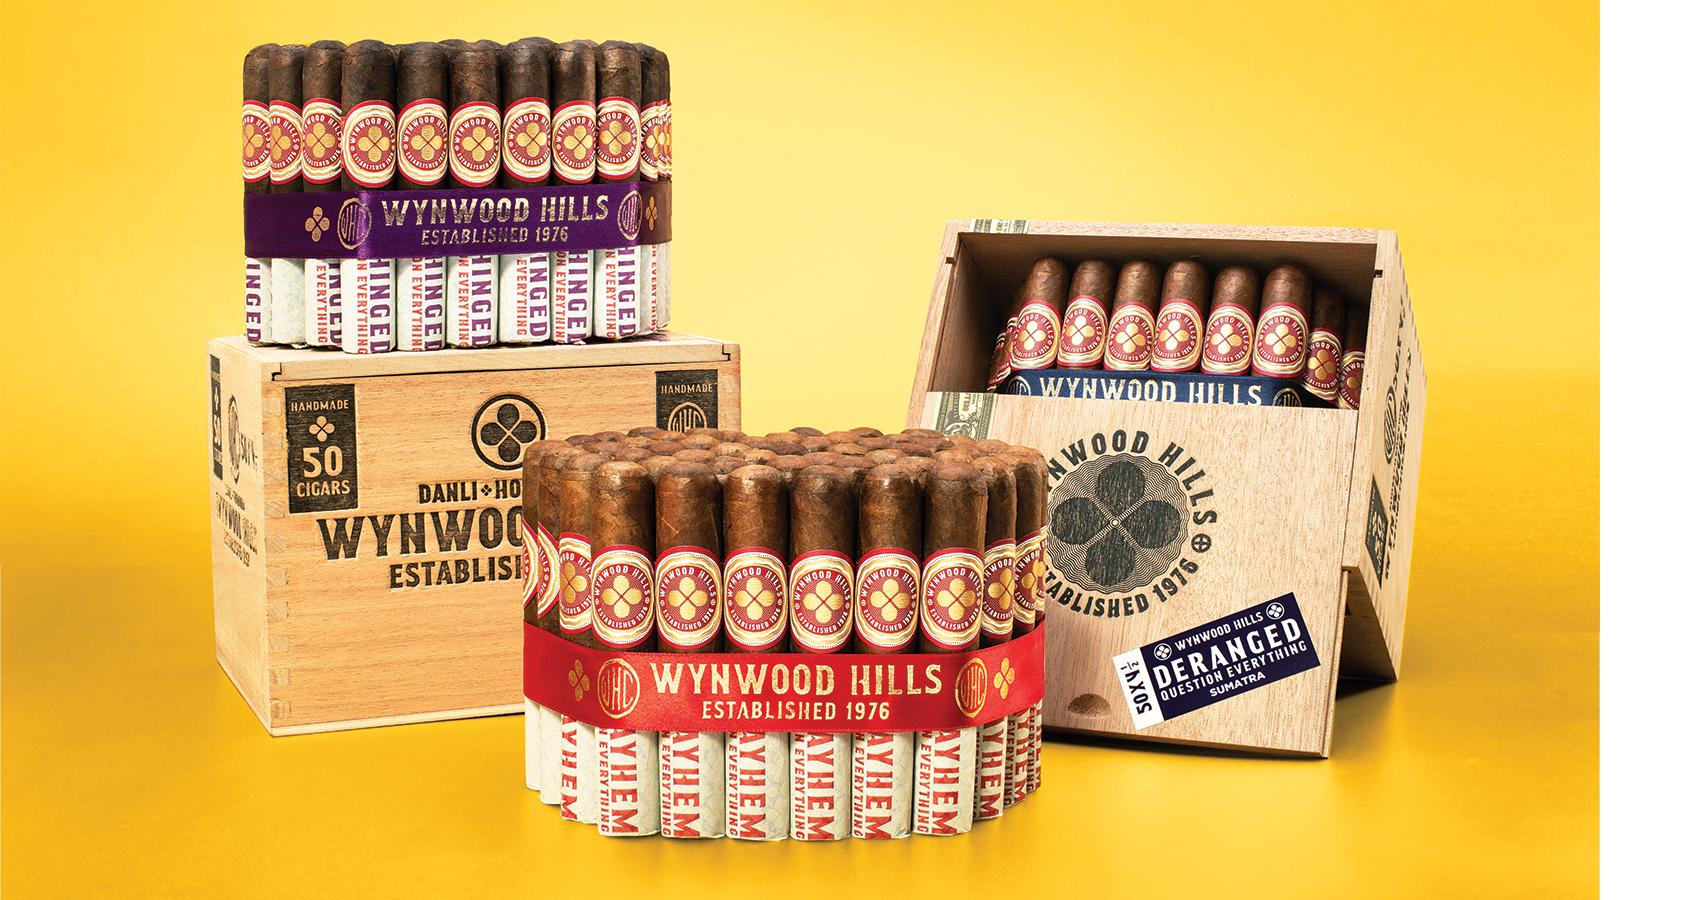 Wynwood Hills Cigars